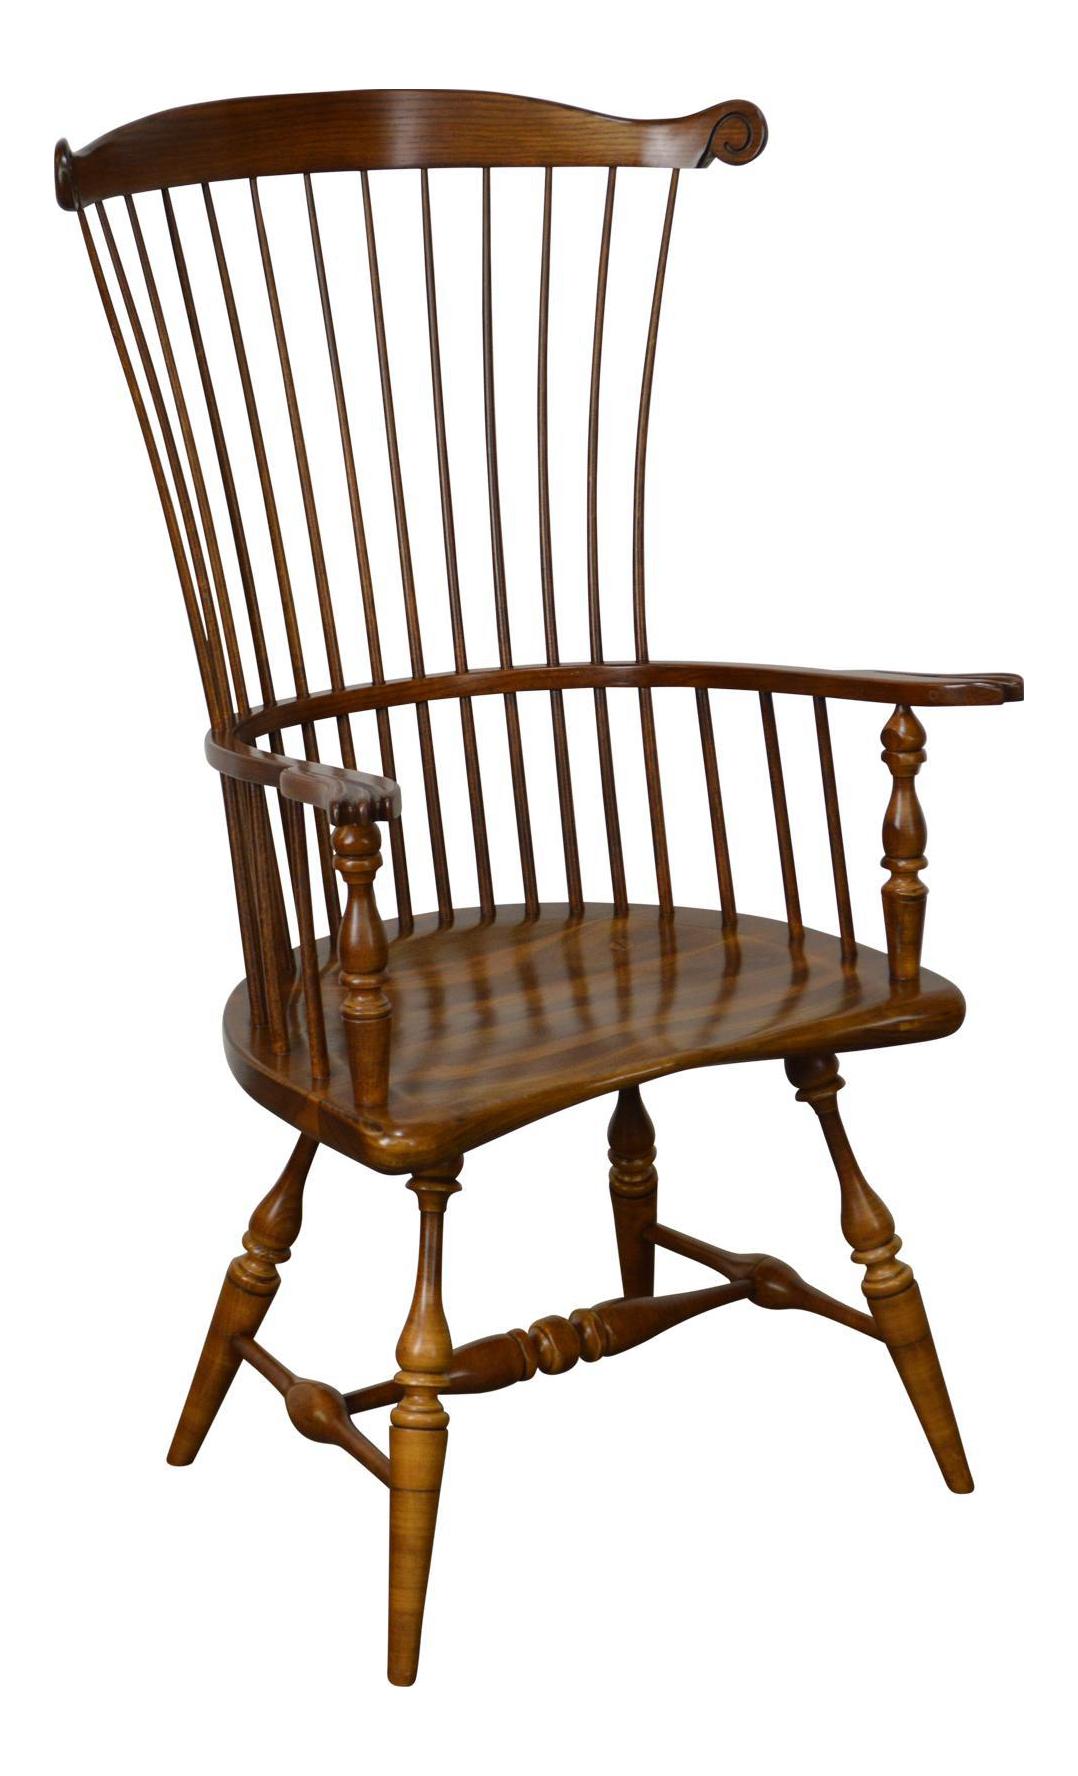 Duckloe 18th Century High Back Windsor Arm Chair